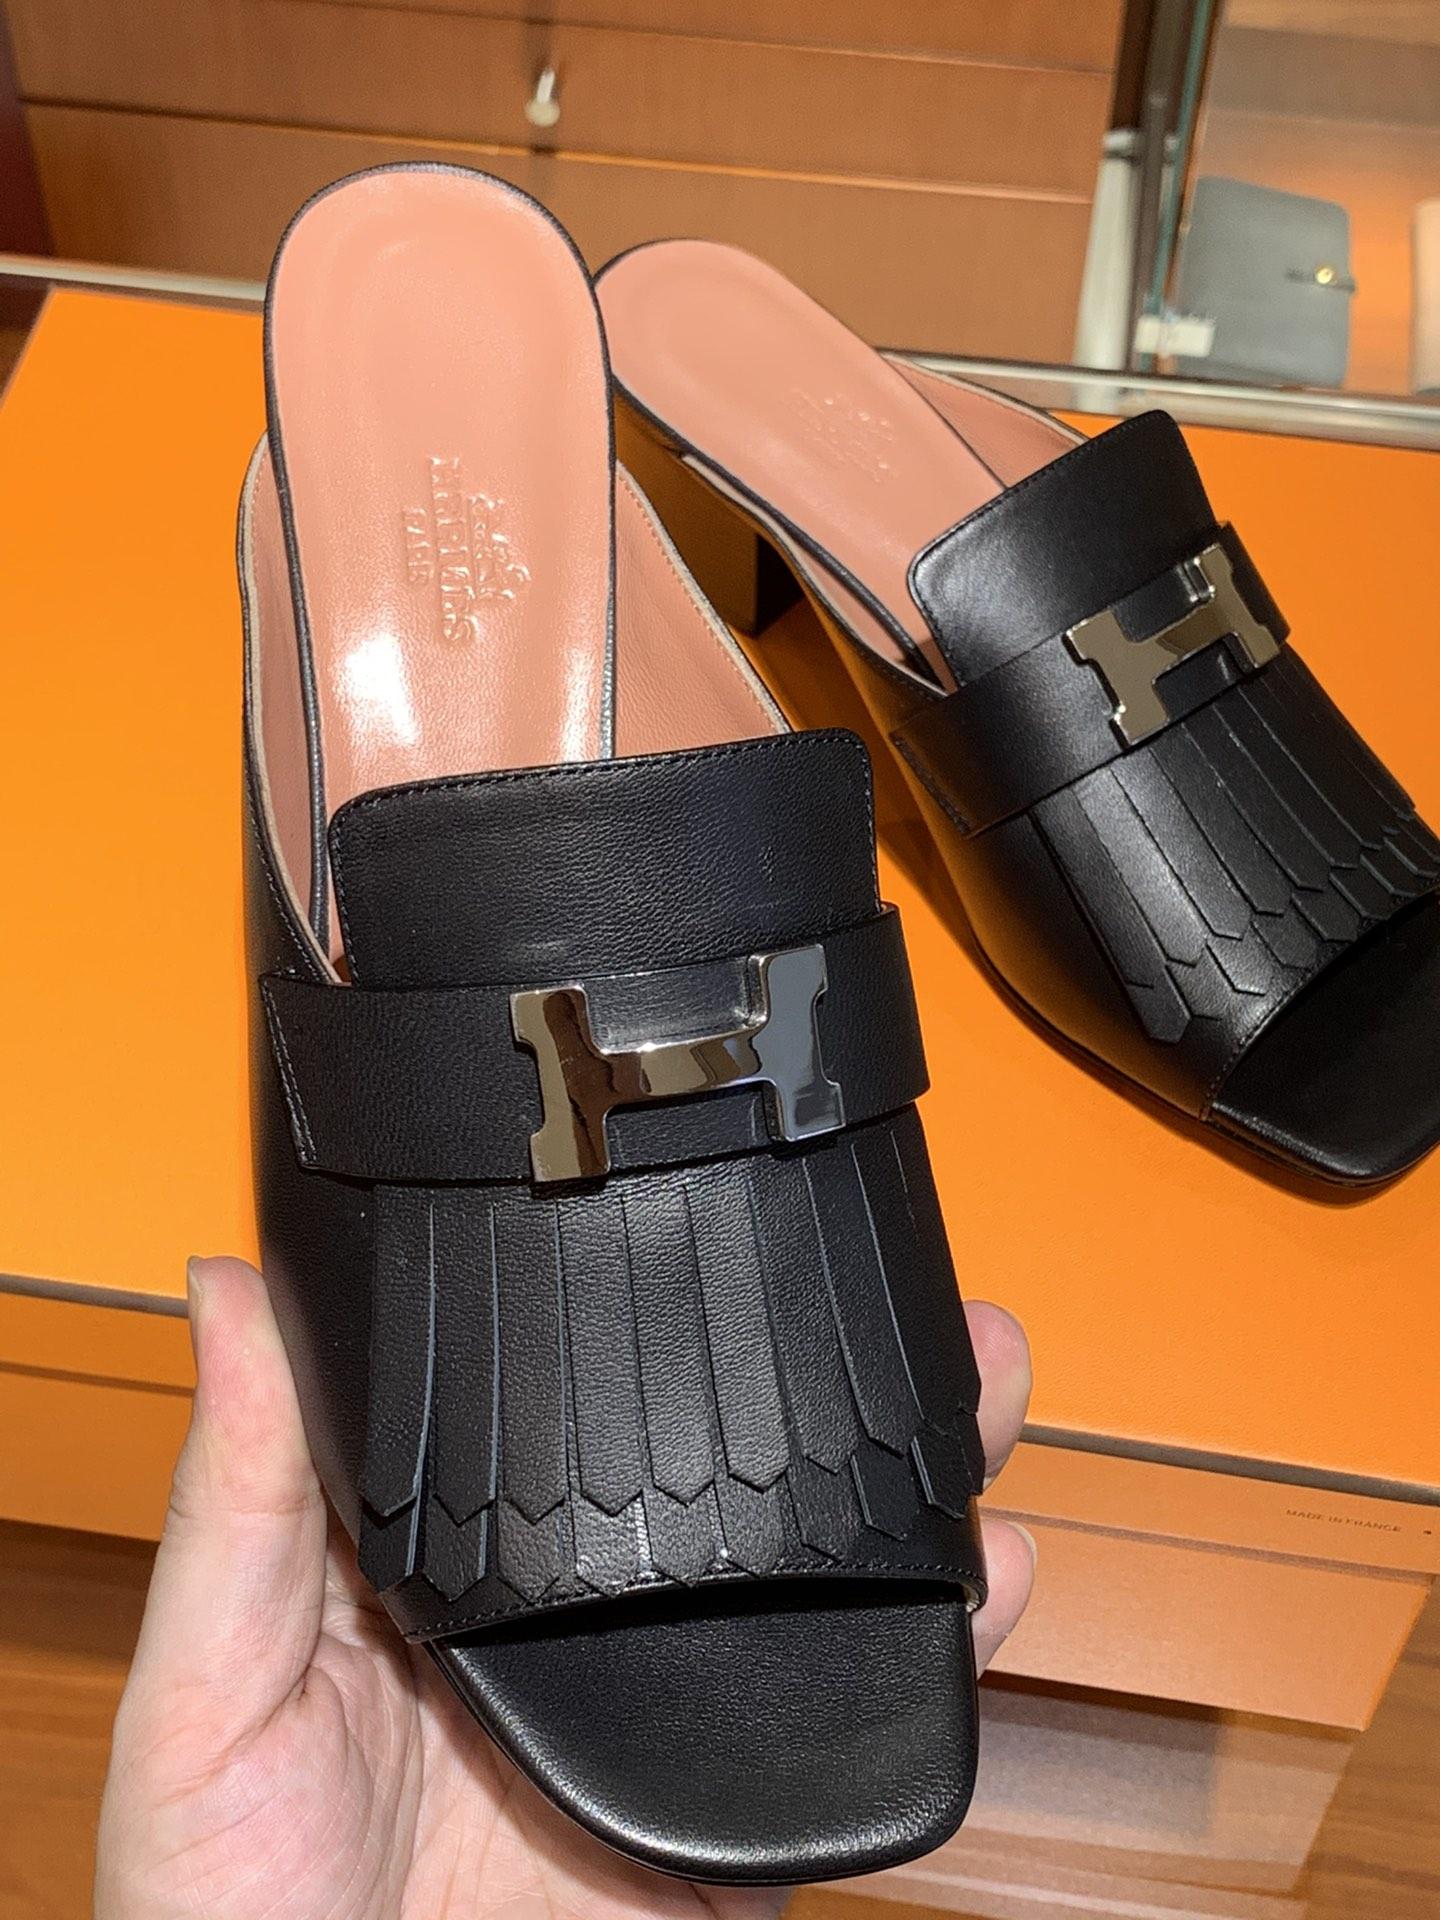 爱马仕鞋子官网 新款 乐福单鞋  康康H扣流苏款式  跟高5cm  鞋型上脚很秀气  黑色 码数34~41  正码 码数不调换哈